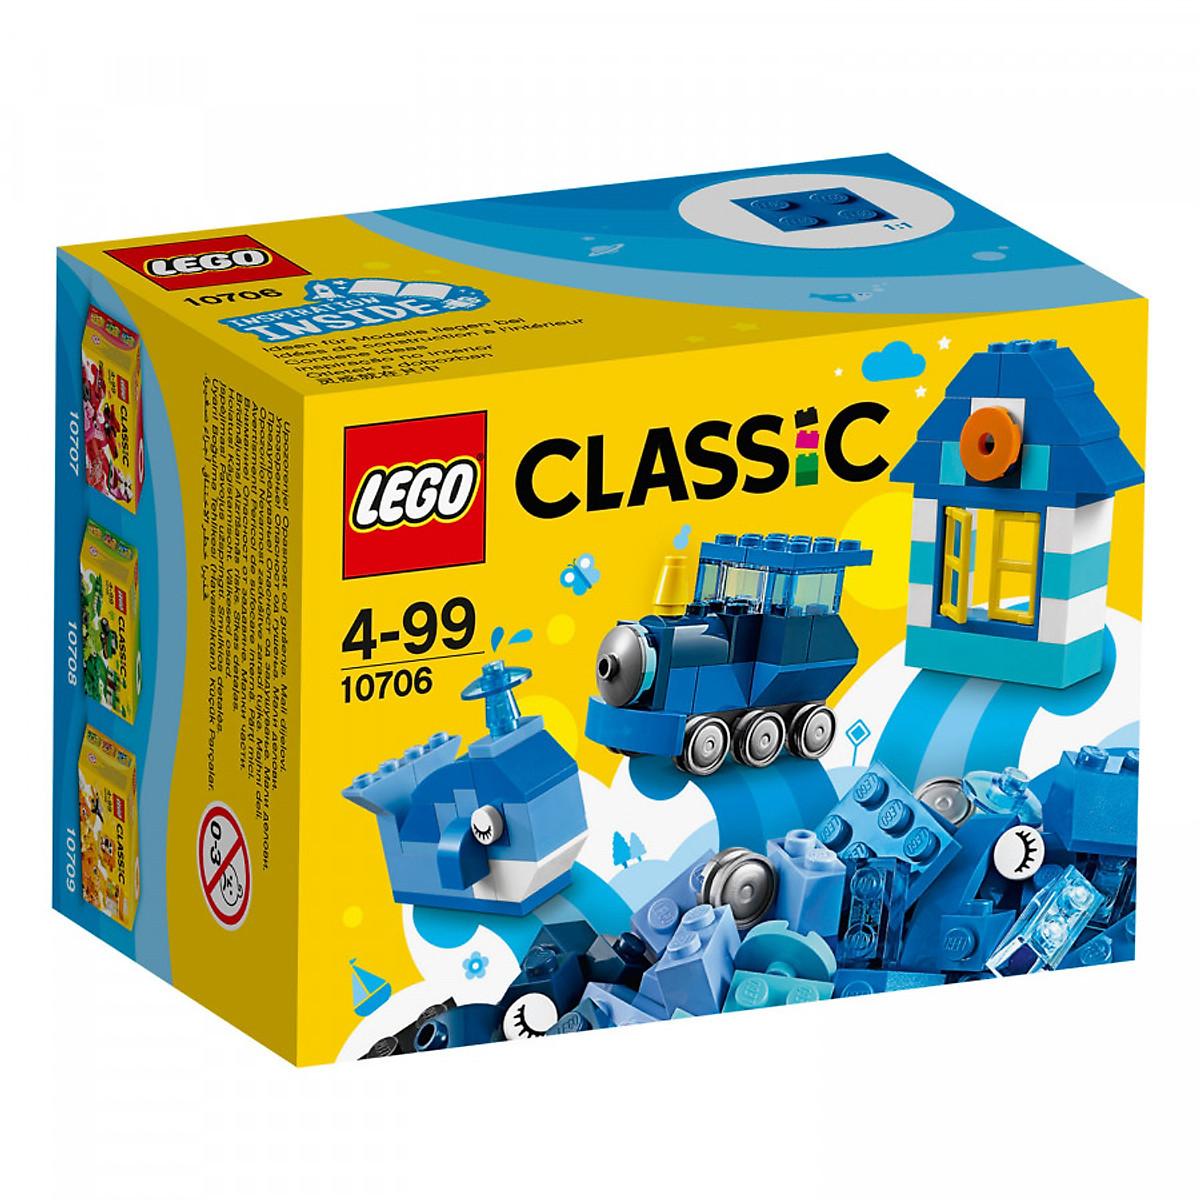 Đồ chơi Lego Classic 10706 - Hộp lắp ráp màu xanh da trời